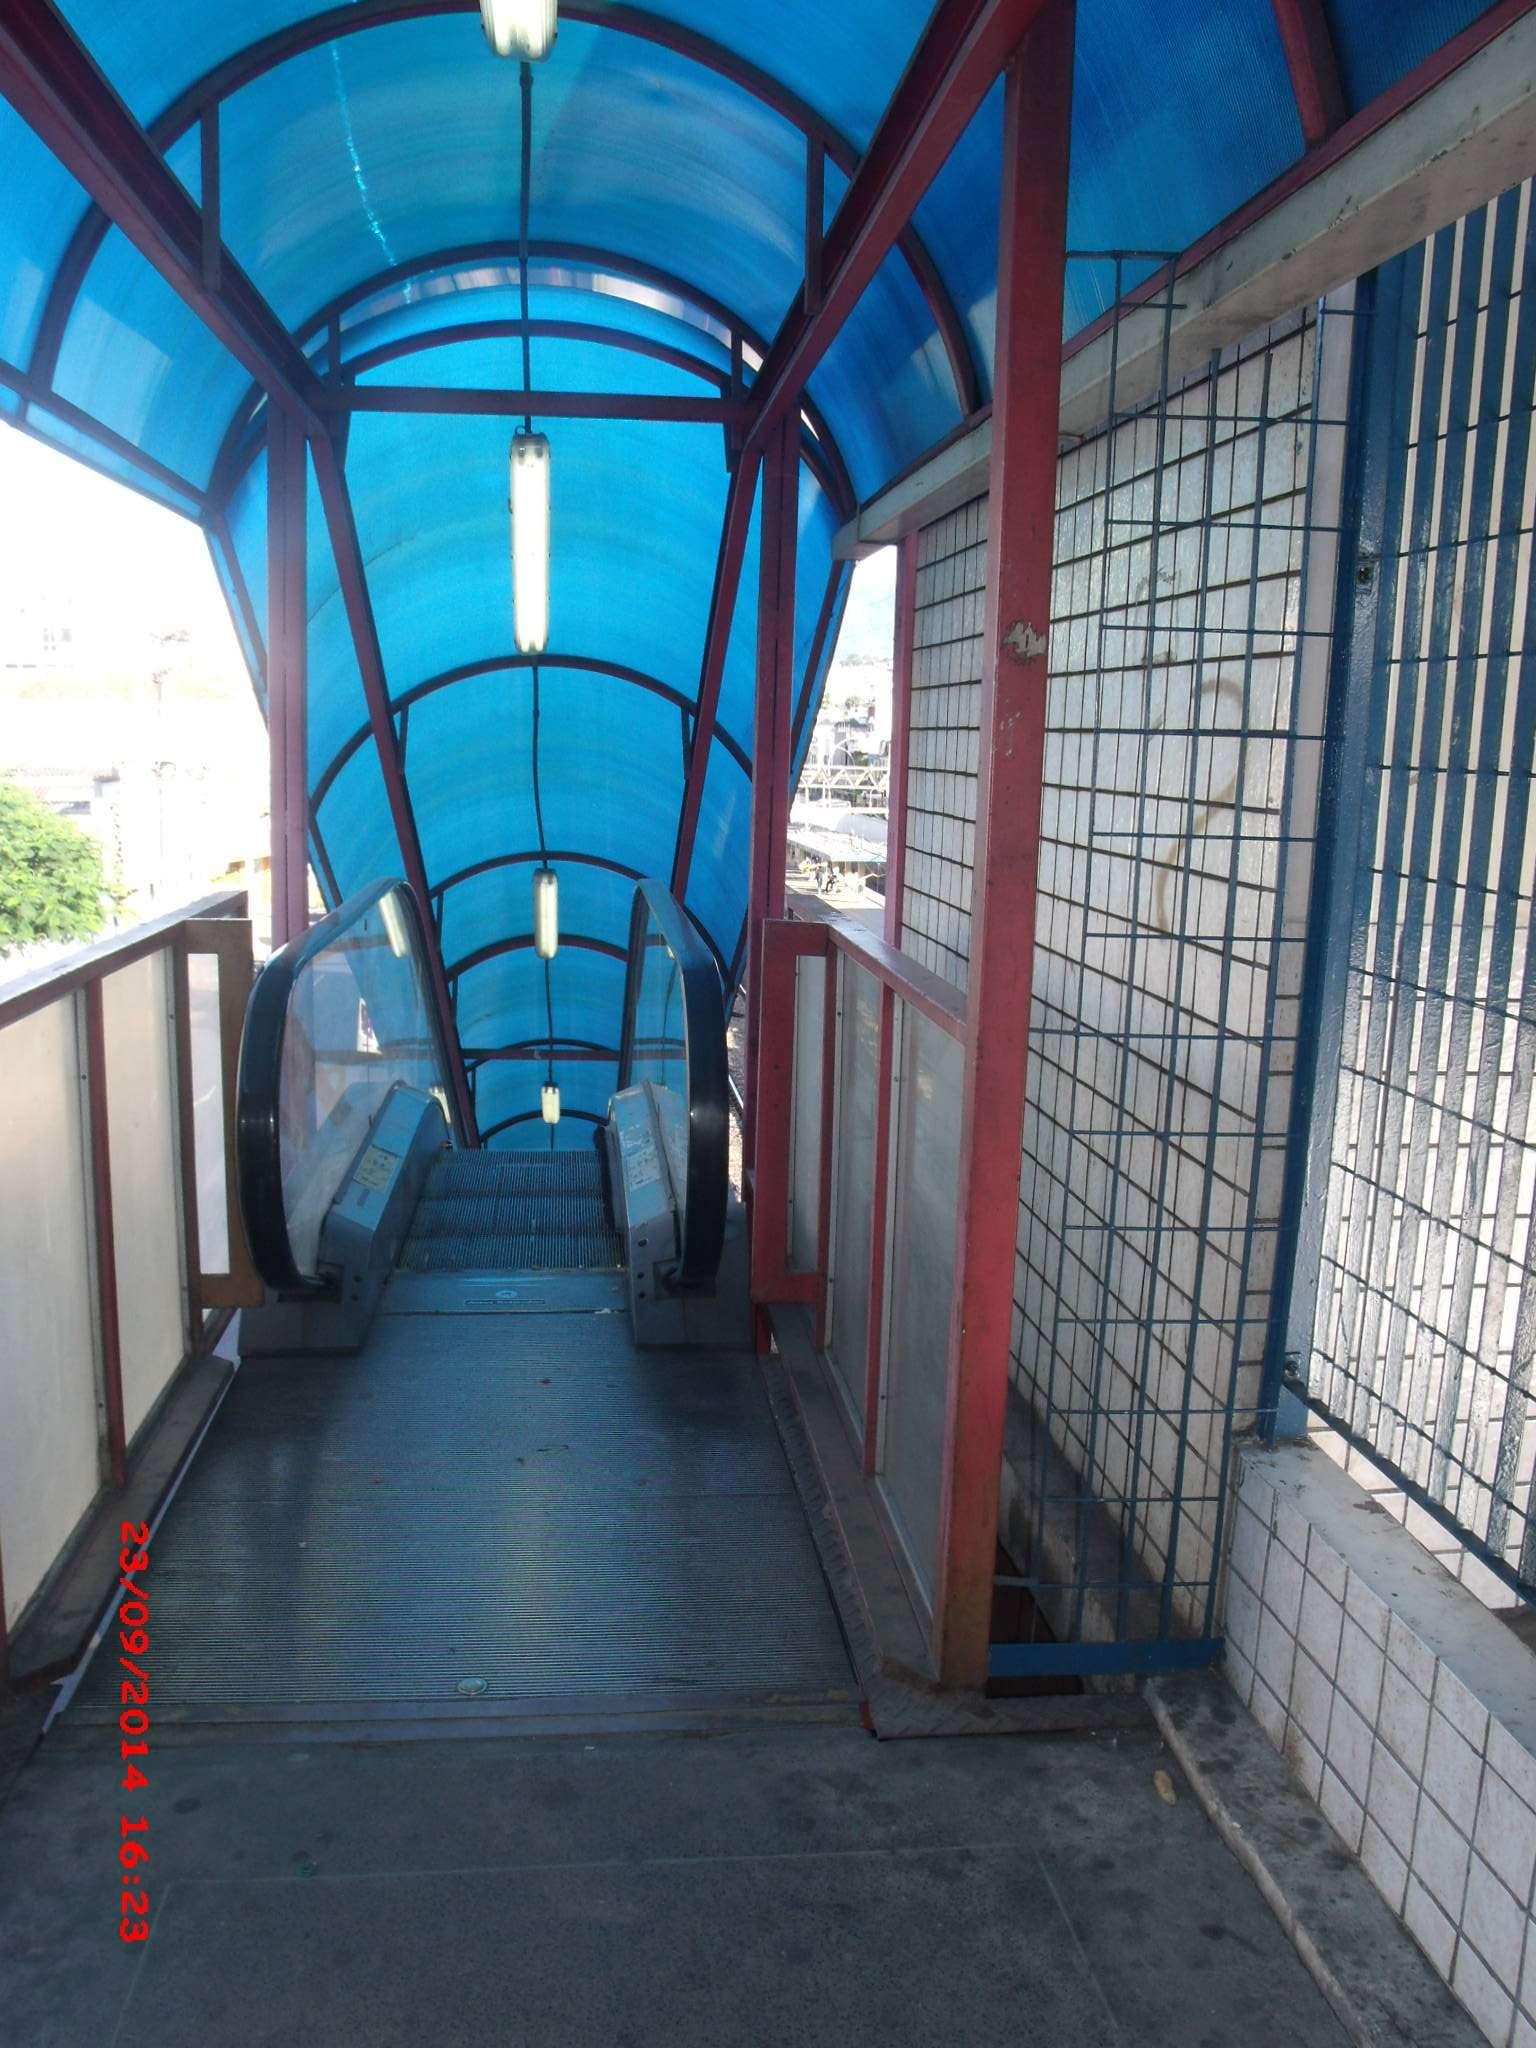 Uma escada rolante inoperante na estação da SUPERVIA no bairro do Méier, na zona norte do Rio de Janeiro, tem causado reclamações dos usuários do local Foto: José Carlos Pereira de Carvalho/vc repórter